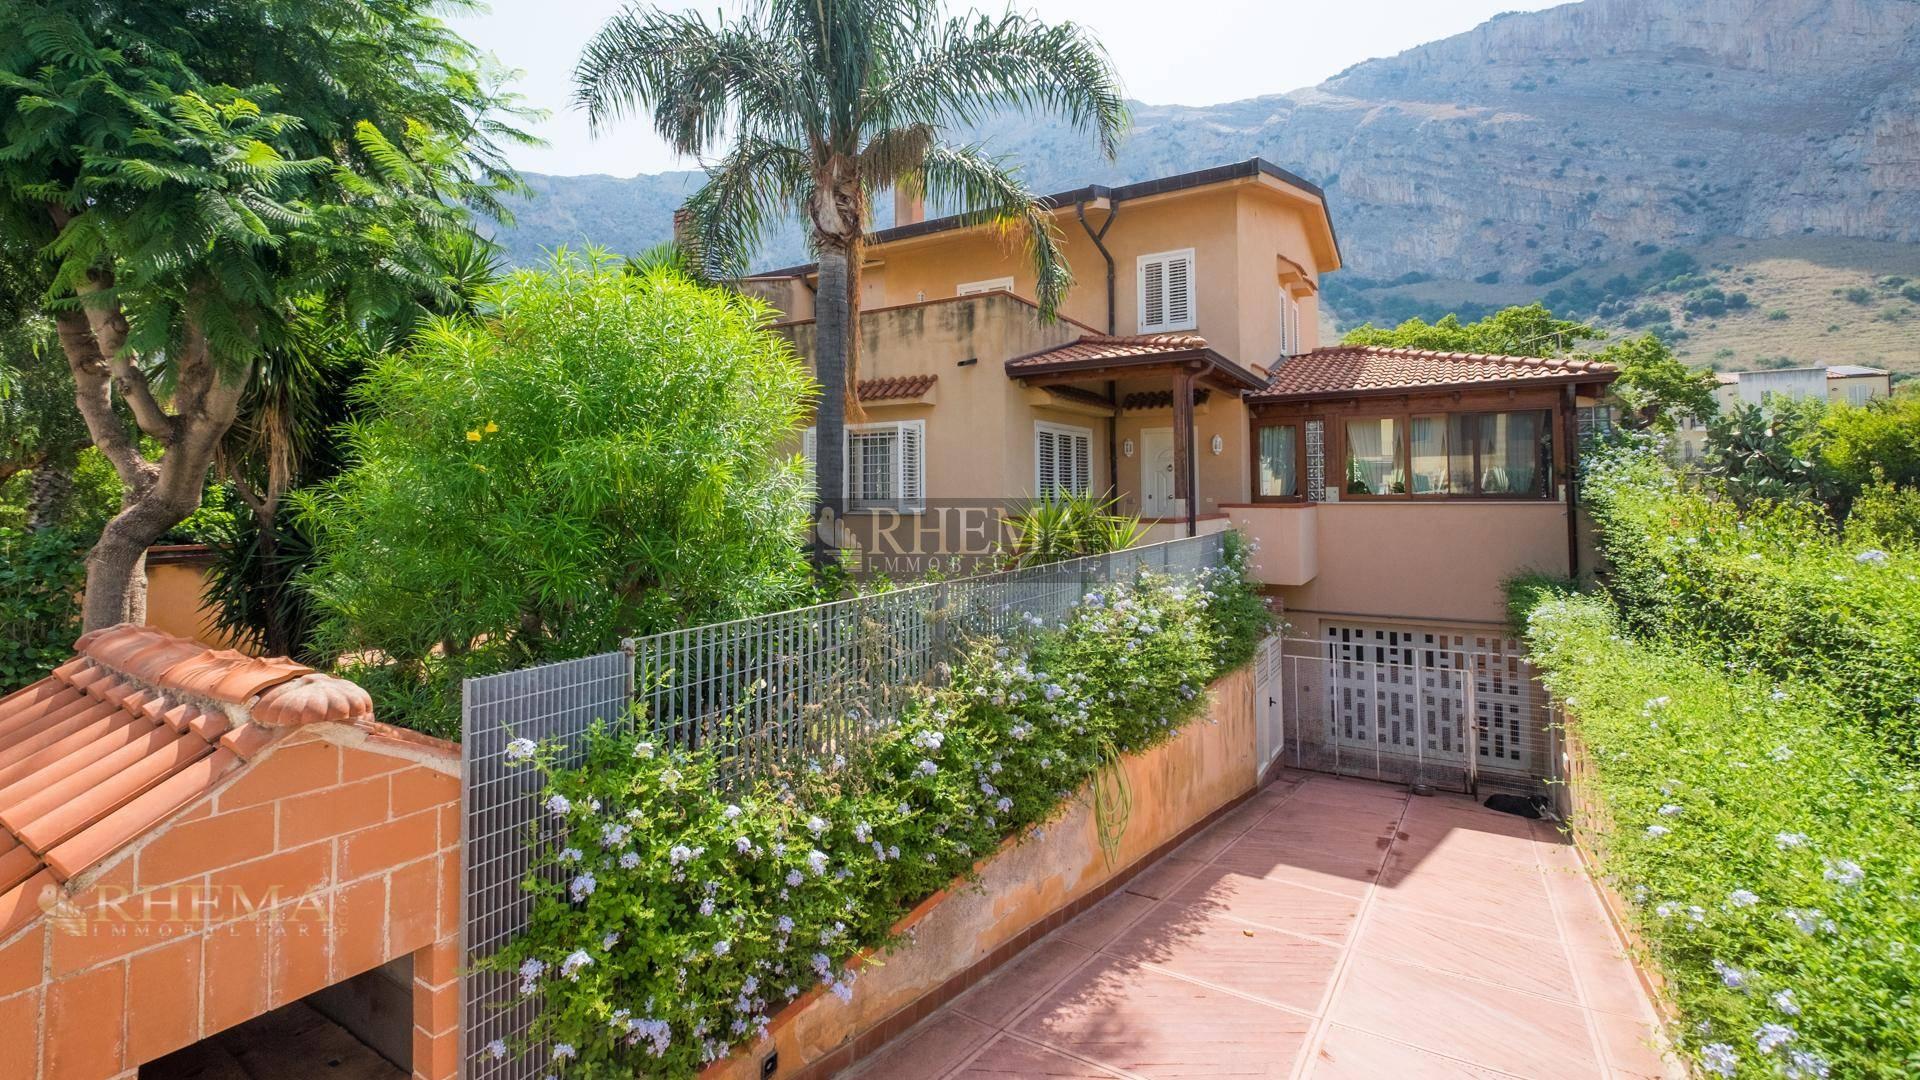 Villa in vendita a Isola delle Femmine, 5 locali, prezzo € 675.000 | CambioCasa.it